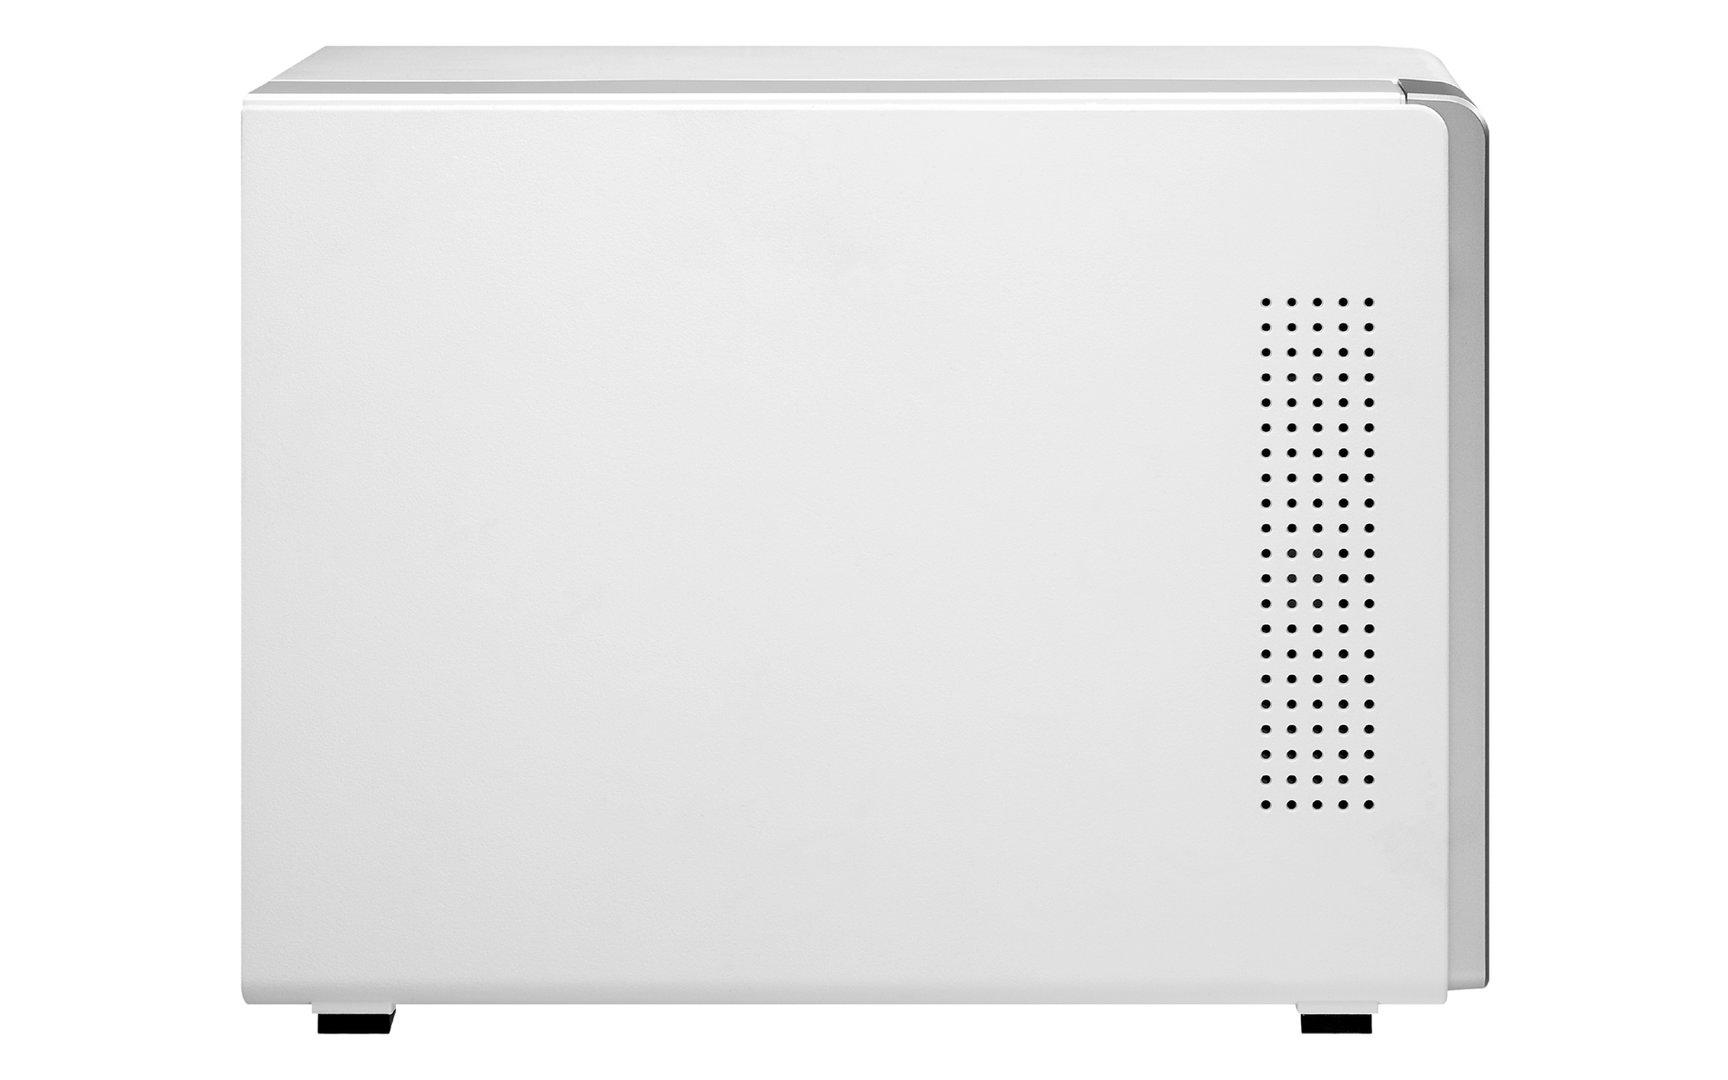 QNAP TS-231P2